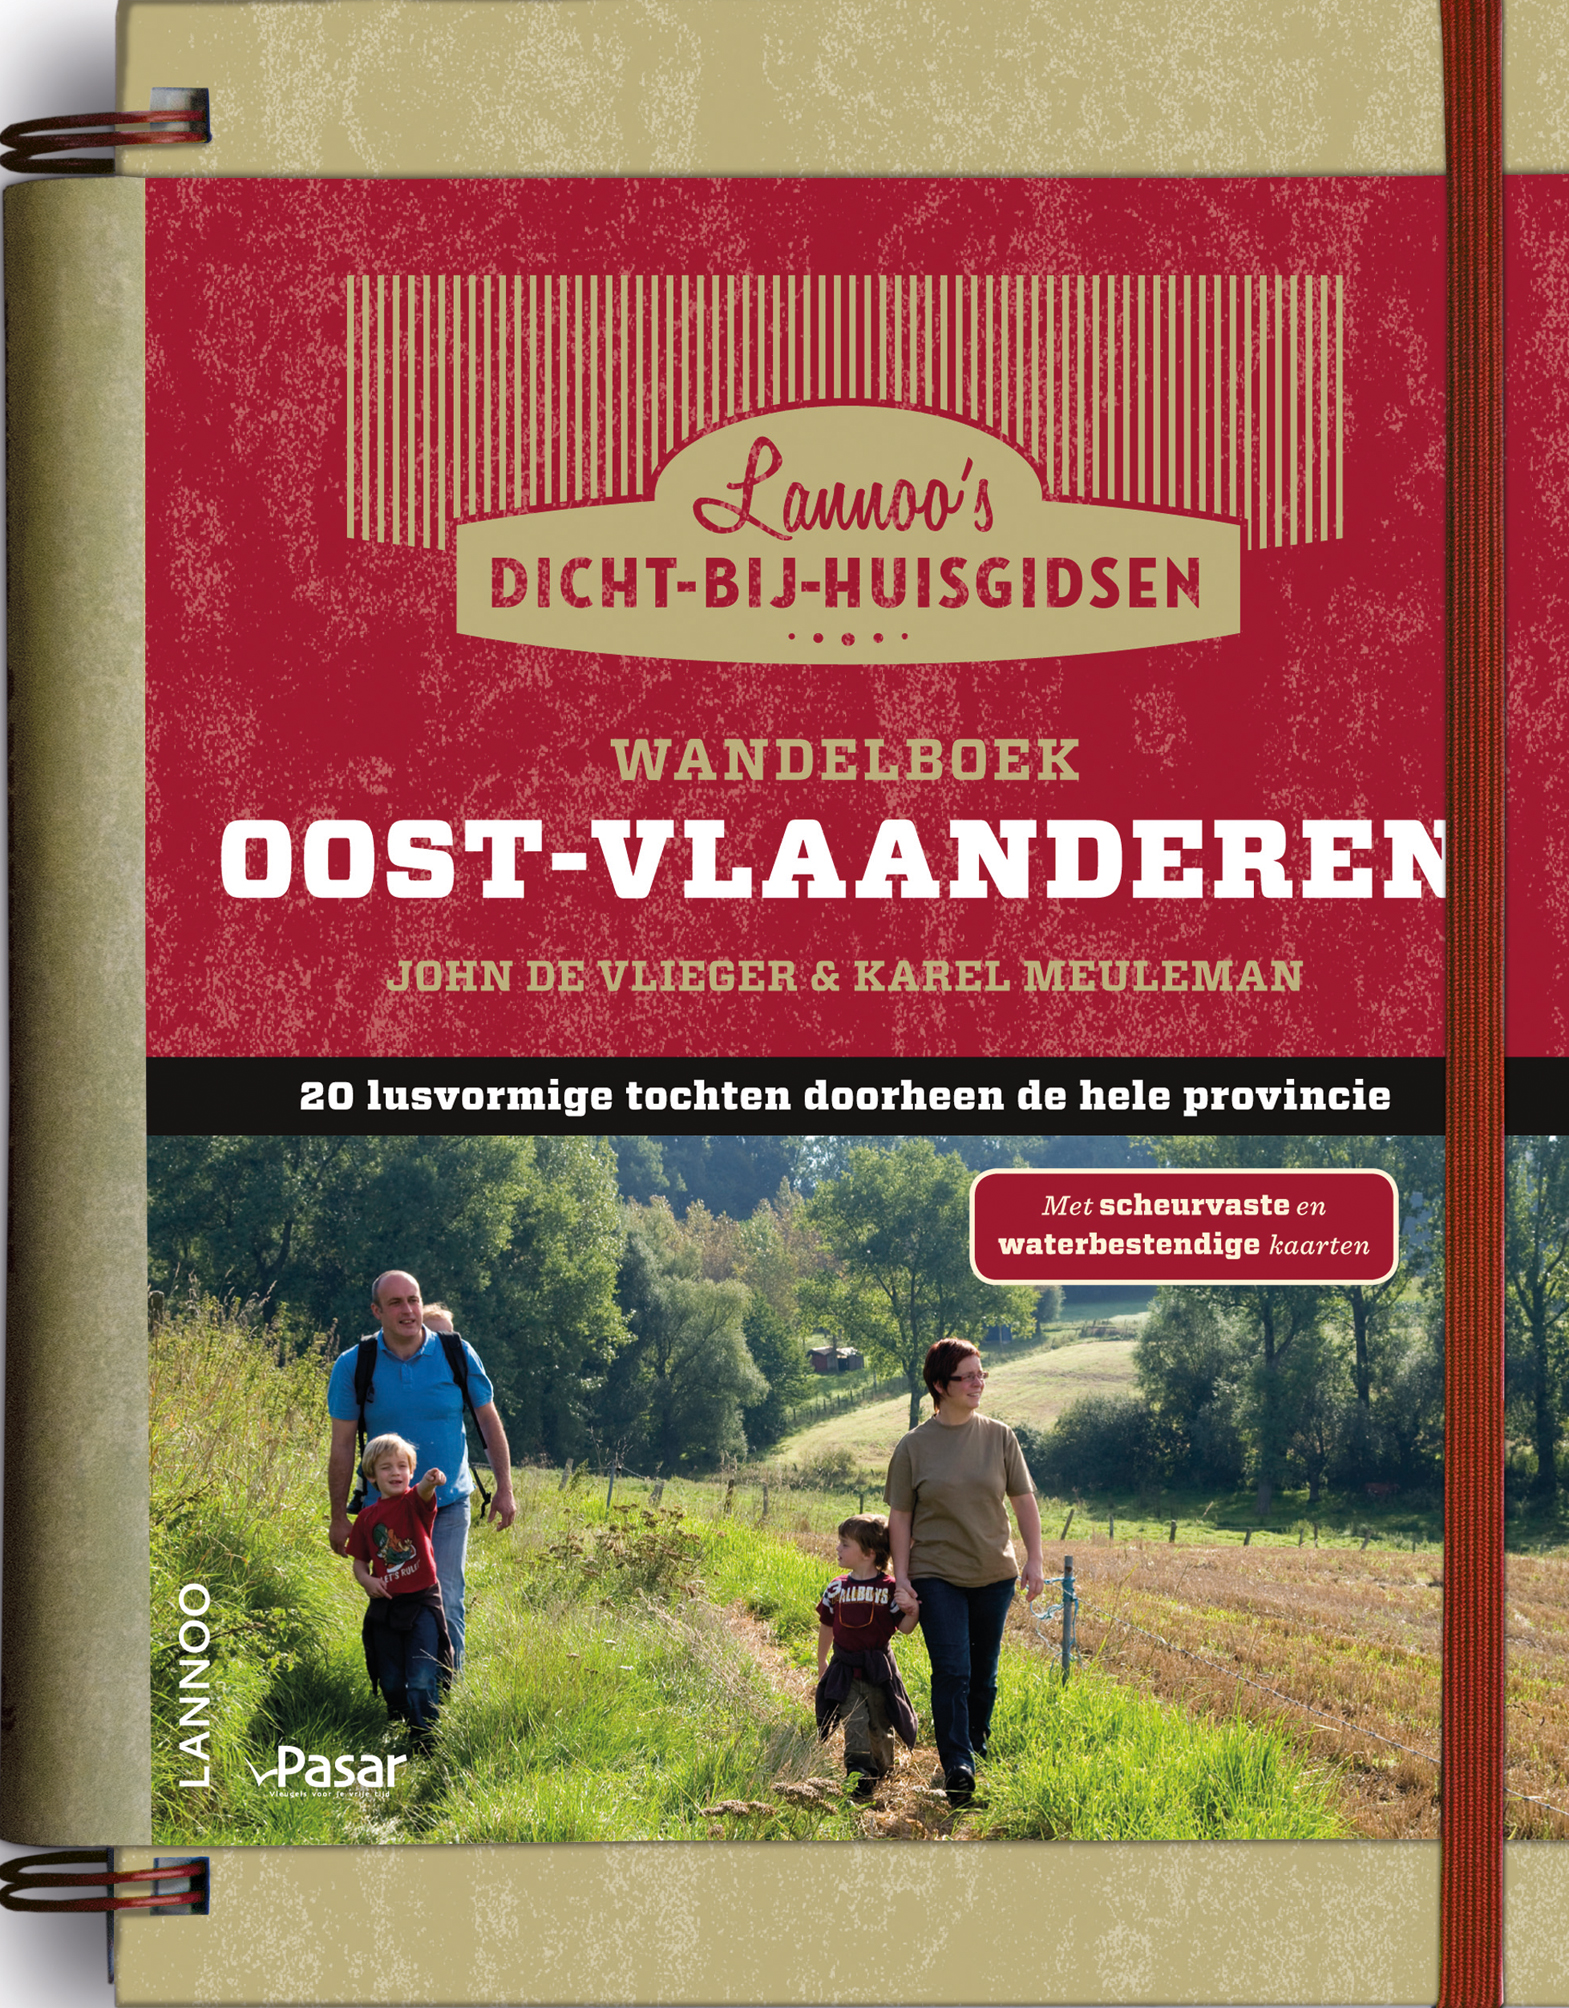 Wandelboek oost vlaanderen uitgeverij lannoo for Uit de hand te koop oost vlaanderen